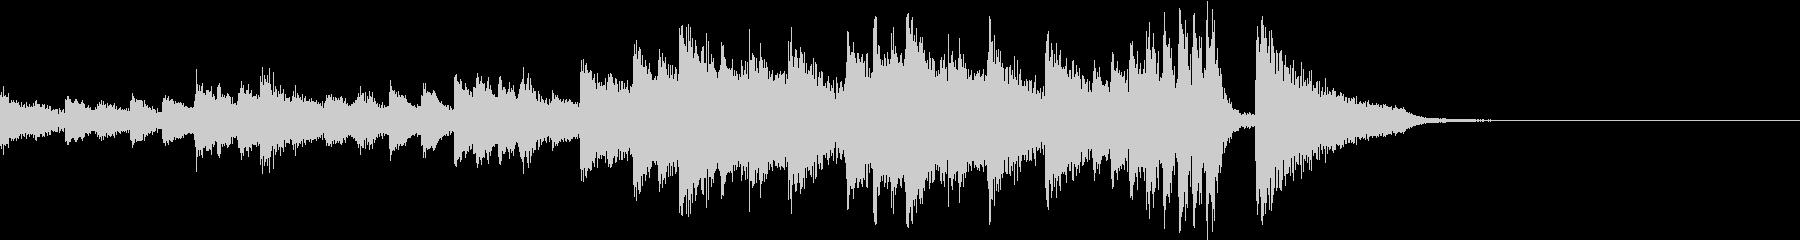 不穏で恐ろしいホラー的なピアノジングルの未再生の波形